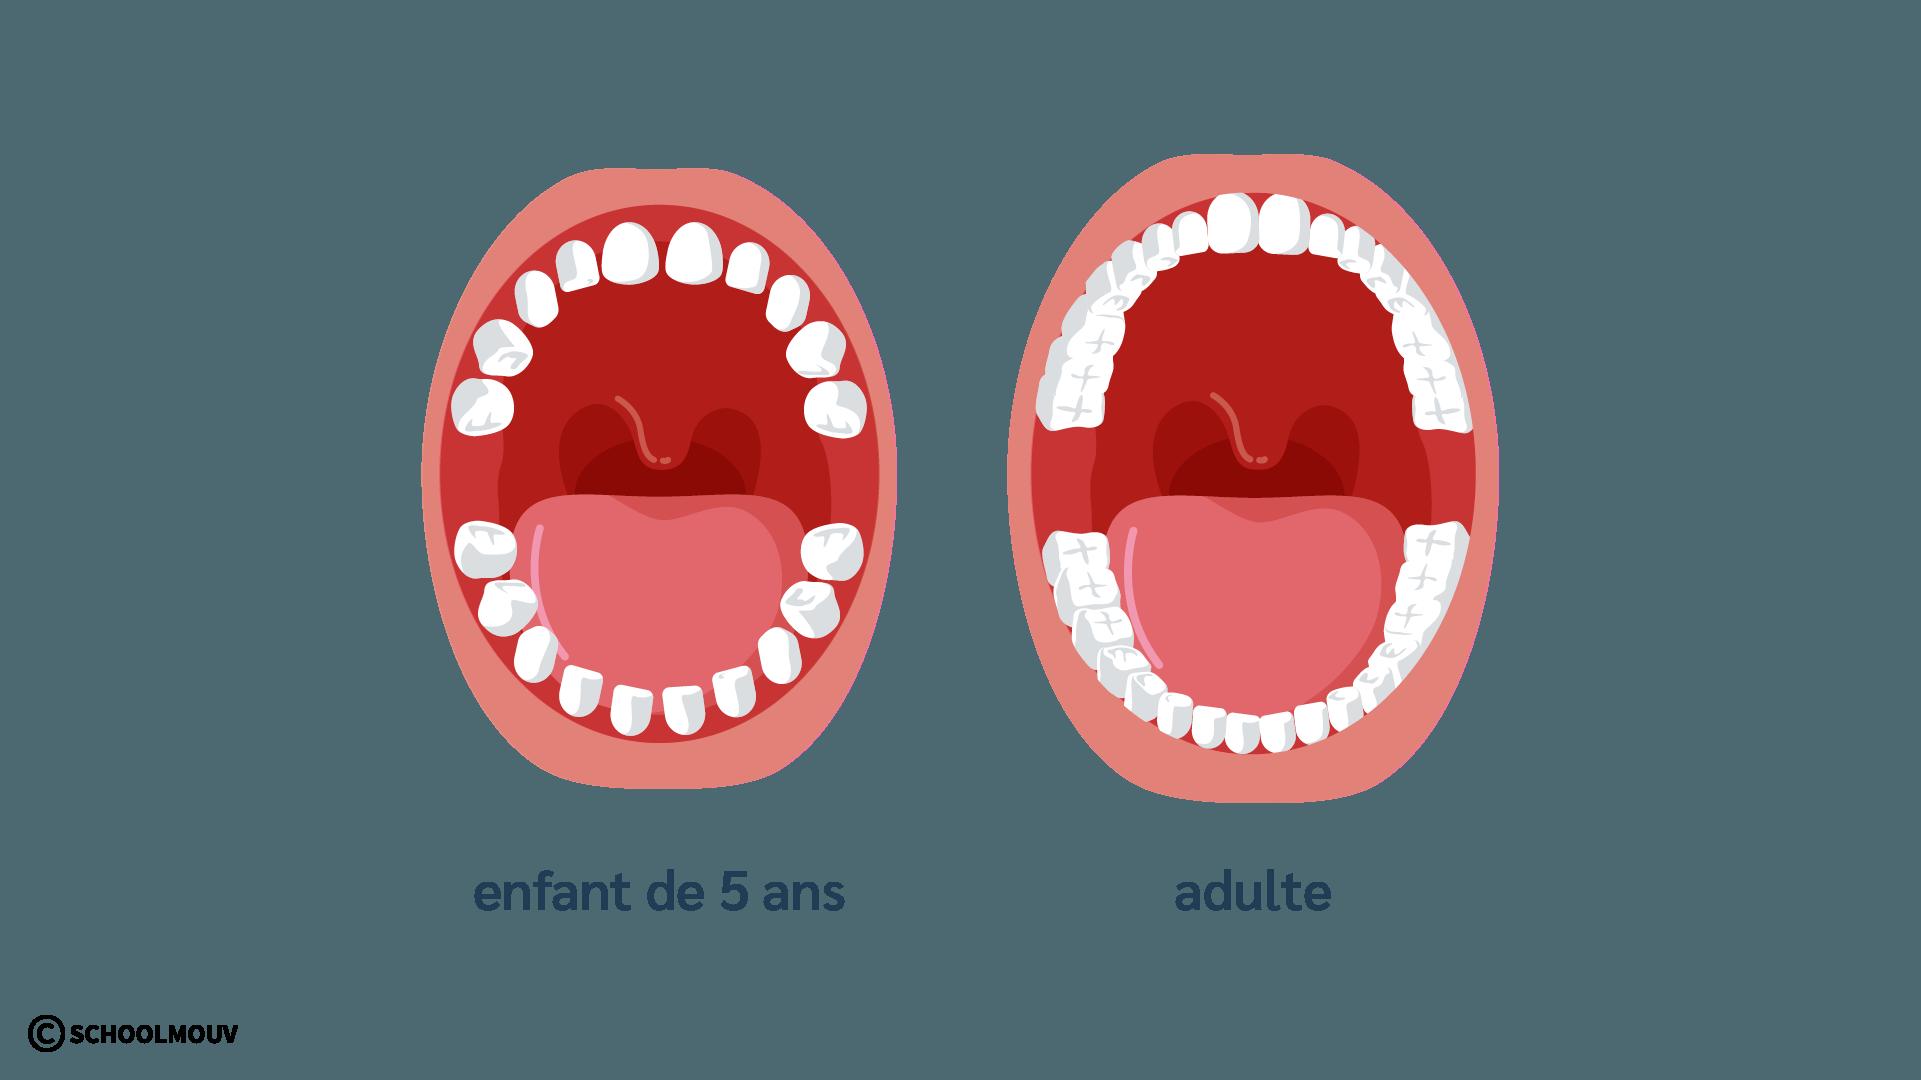 Bouche - Dents - Enfant - Adulte - Dentition - SchoolMouv - Sciences - CP